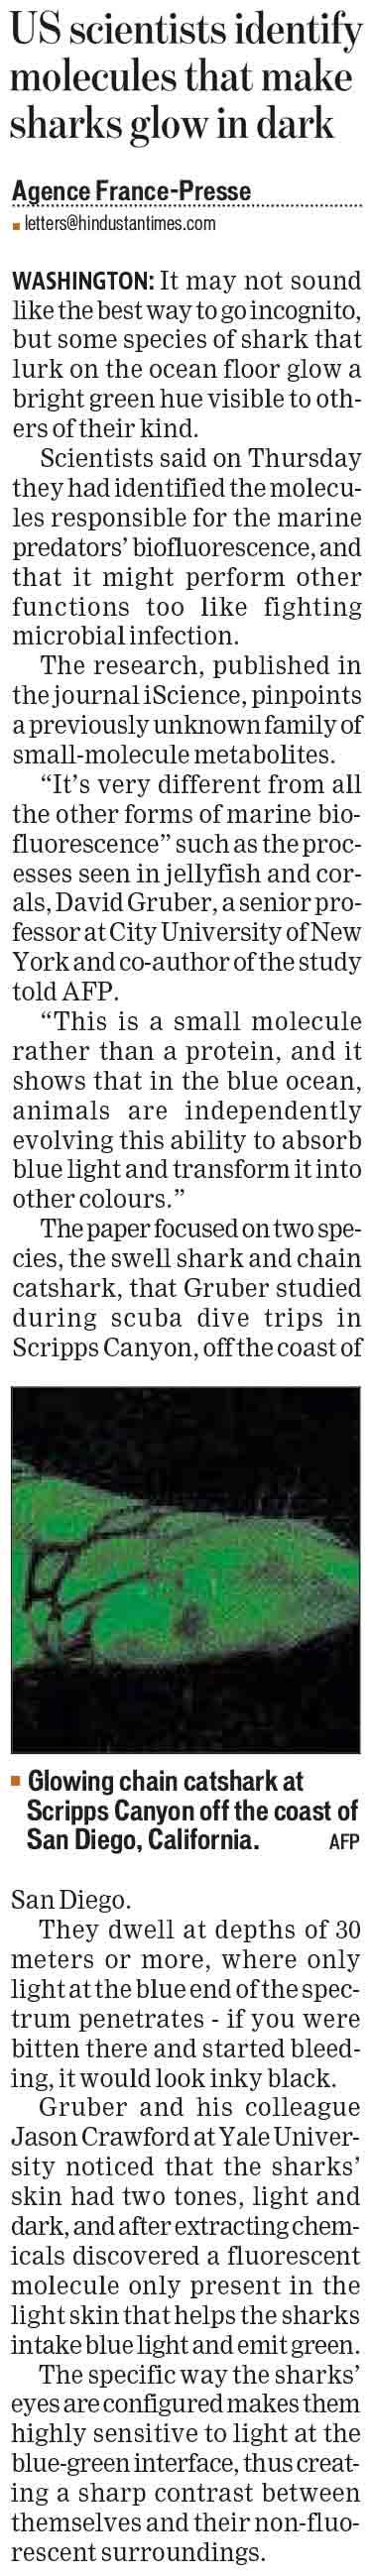 US scientists identify molecules that make sharks glow in dark